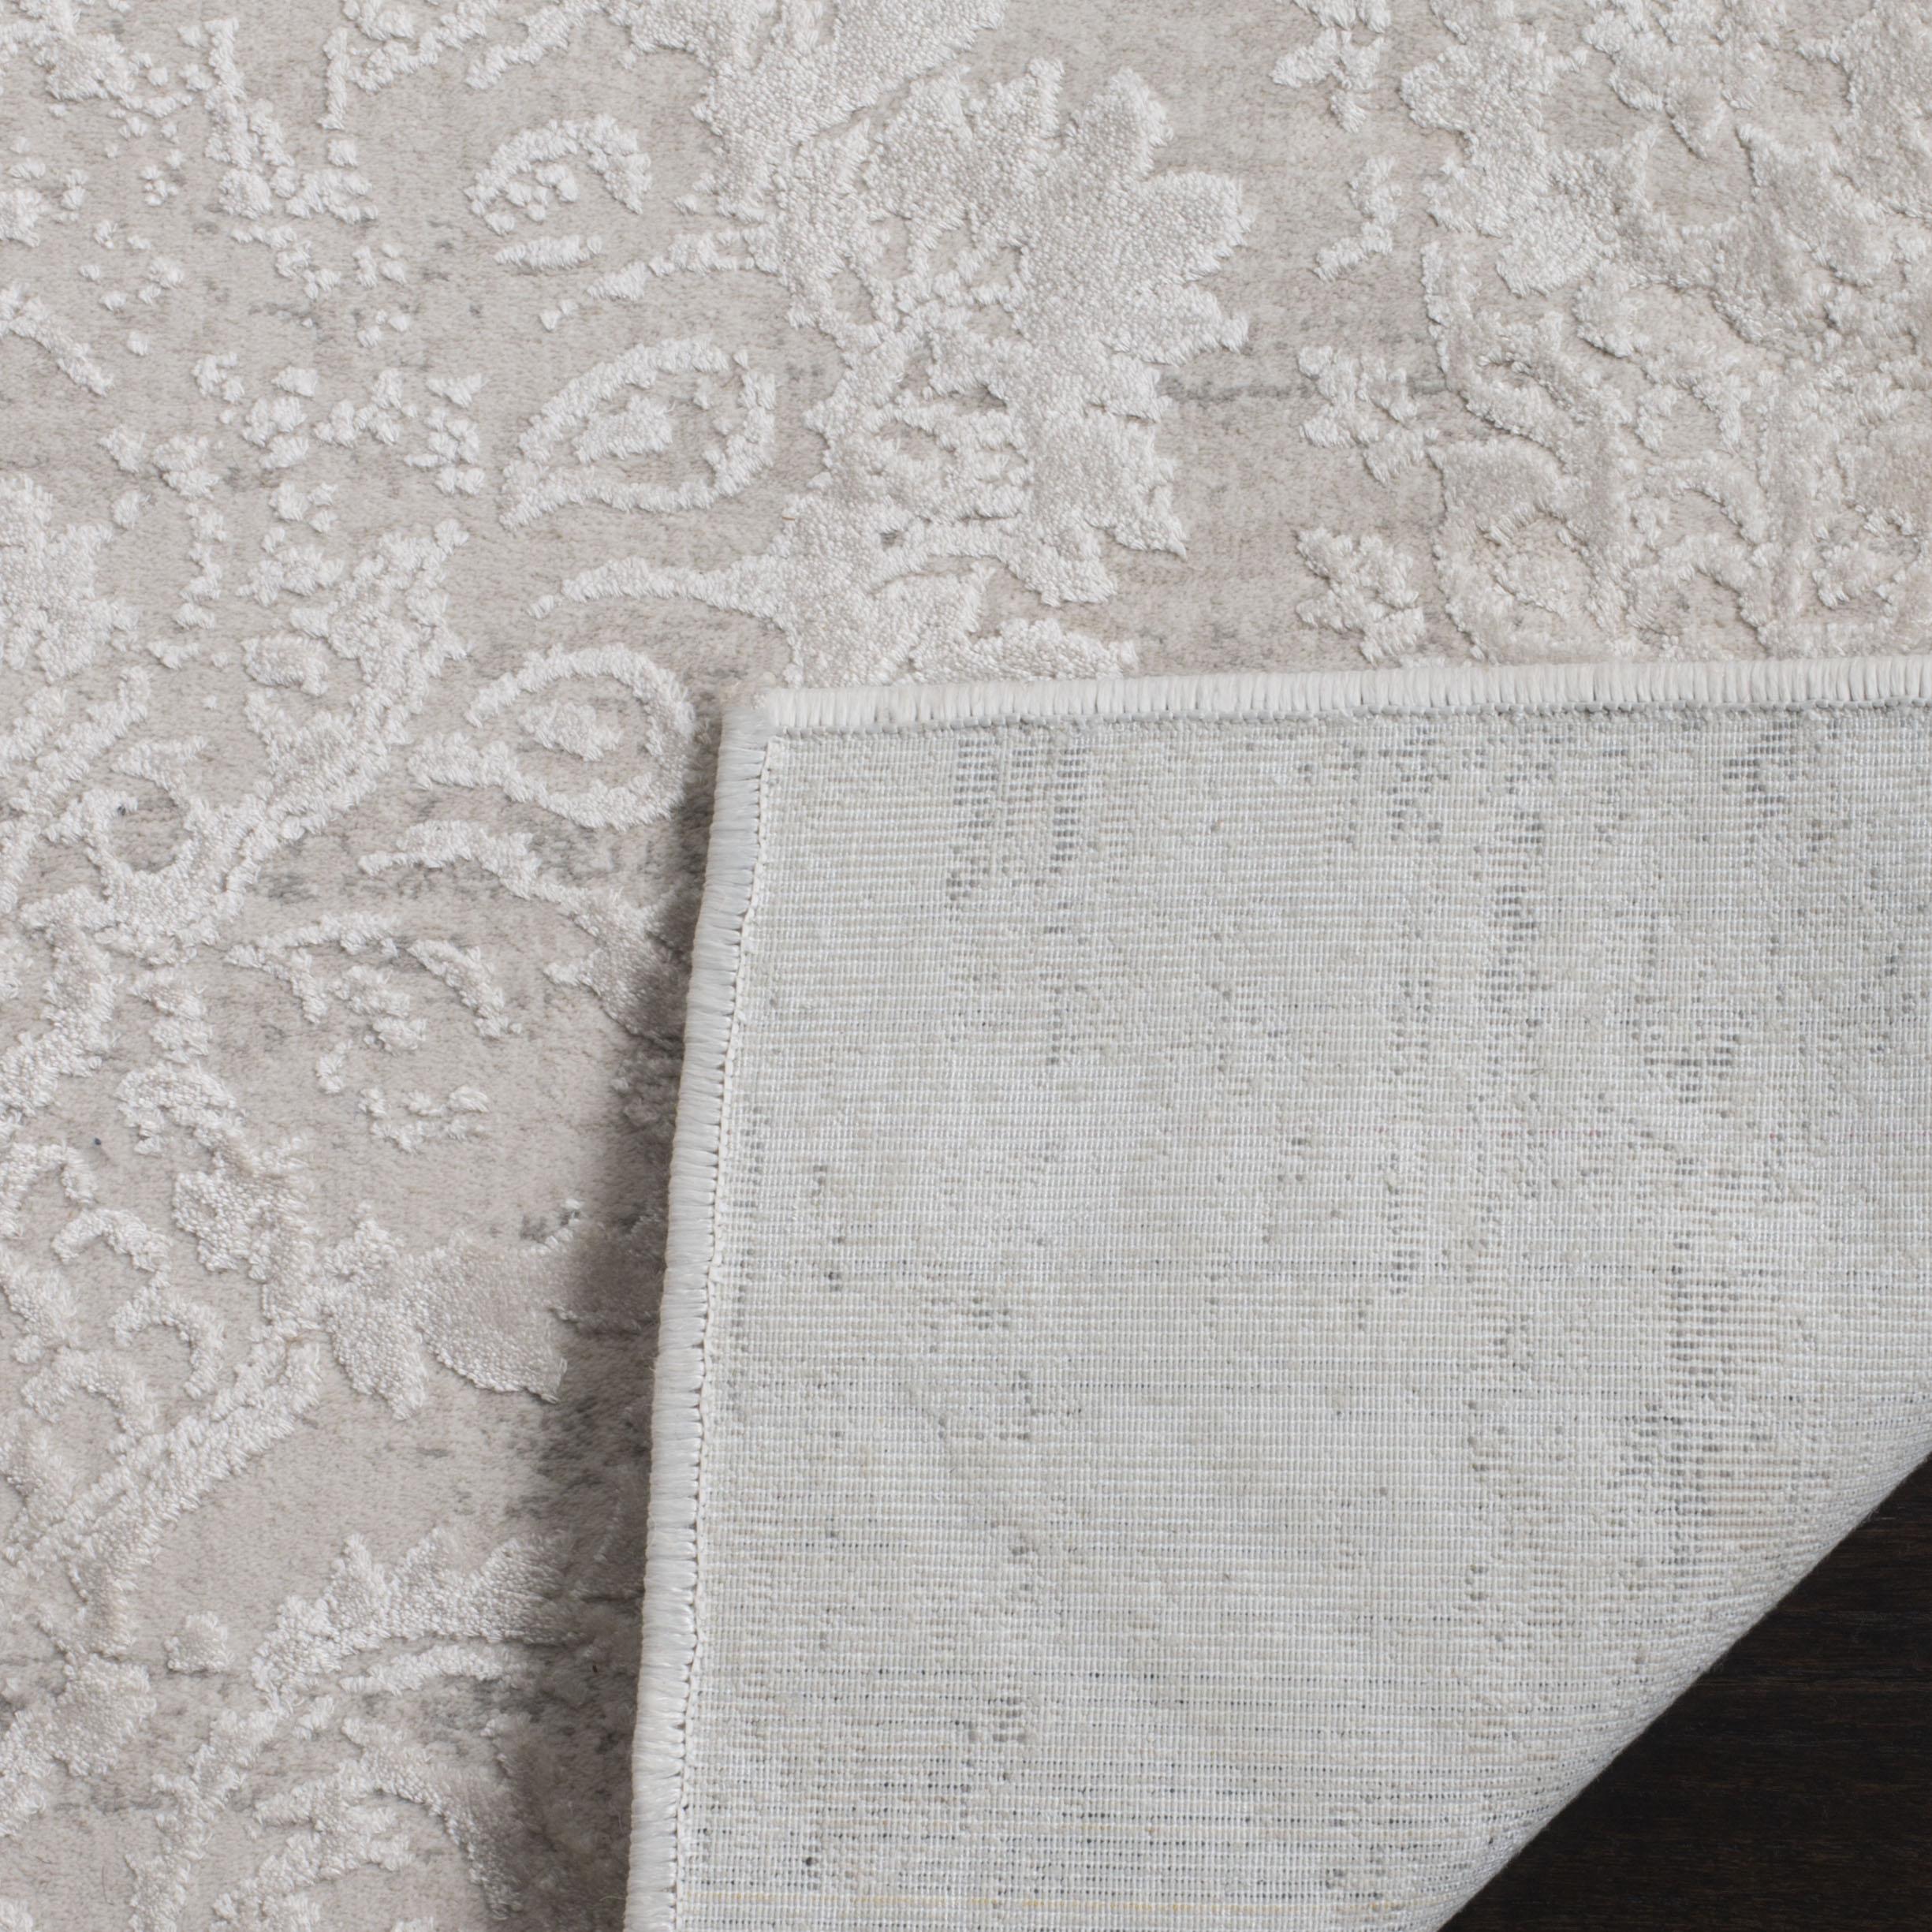 Haden 717 8' X 10' Silver Polyester Rug